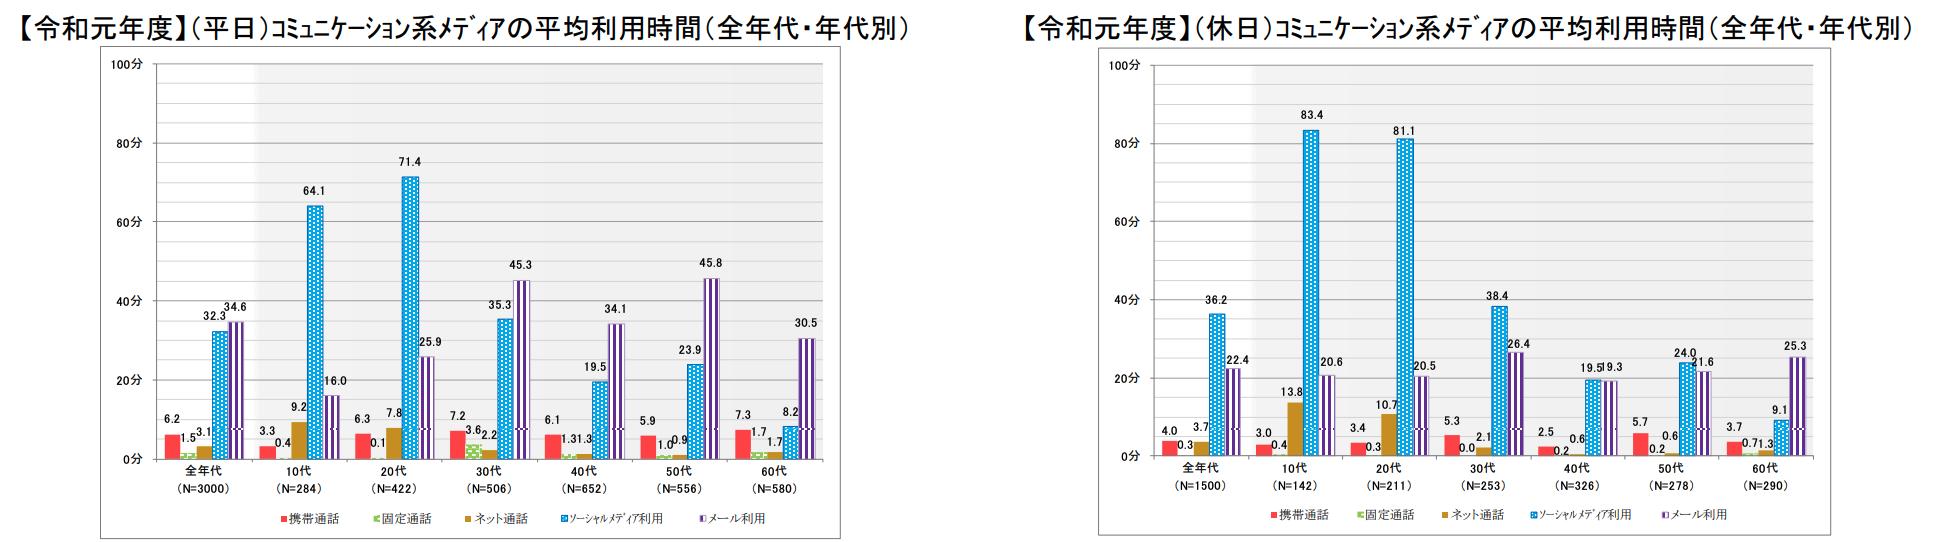 総務省データ「コミュニケーション系メディアの比較」